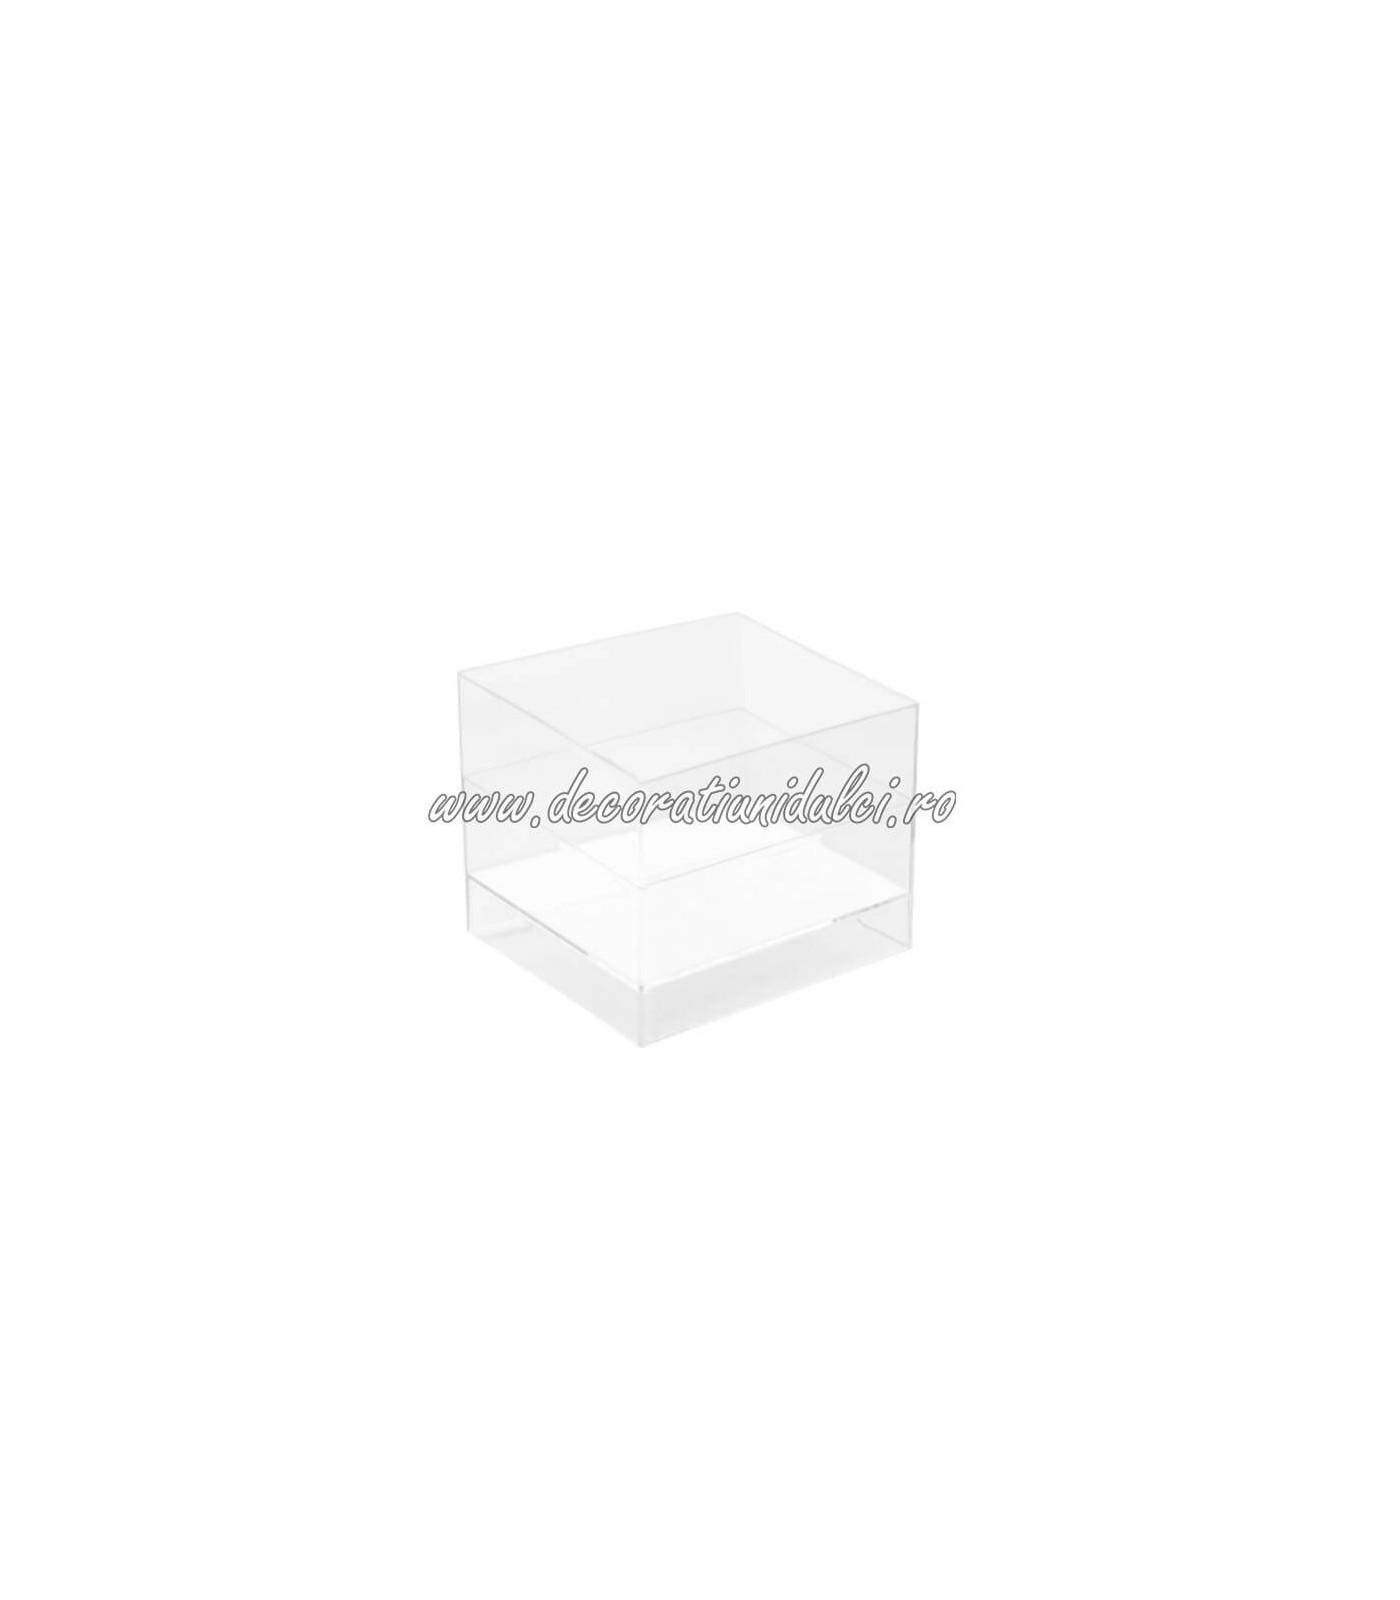 Cupa desert cubice